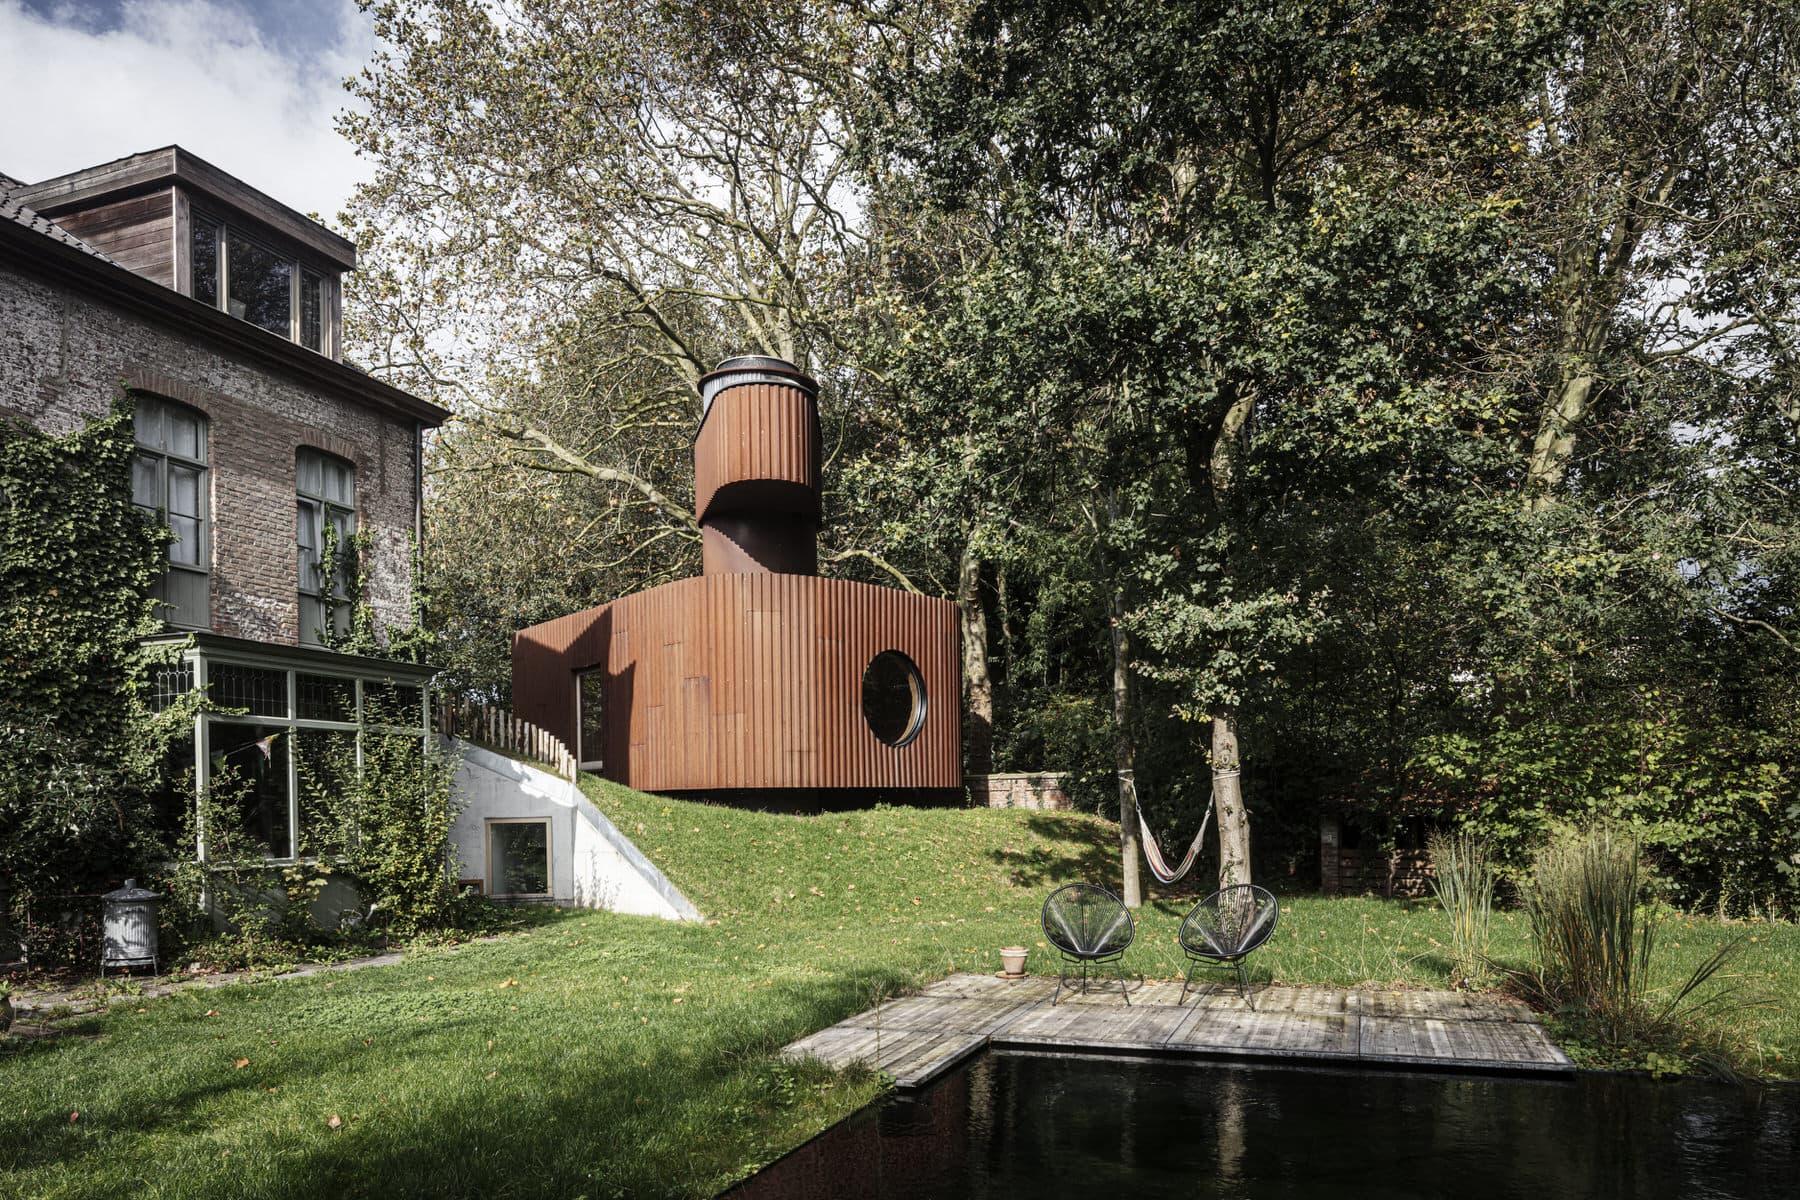 Atelier Vens Vanbelle, Alex Guesthouse & Cinema Space, Ghent Architecture, Photo Tim Van De Velde | Yellowtrace